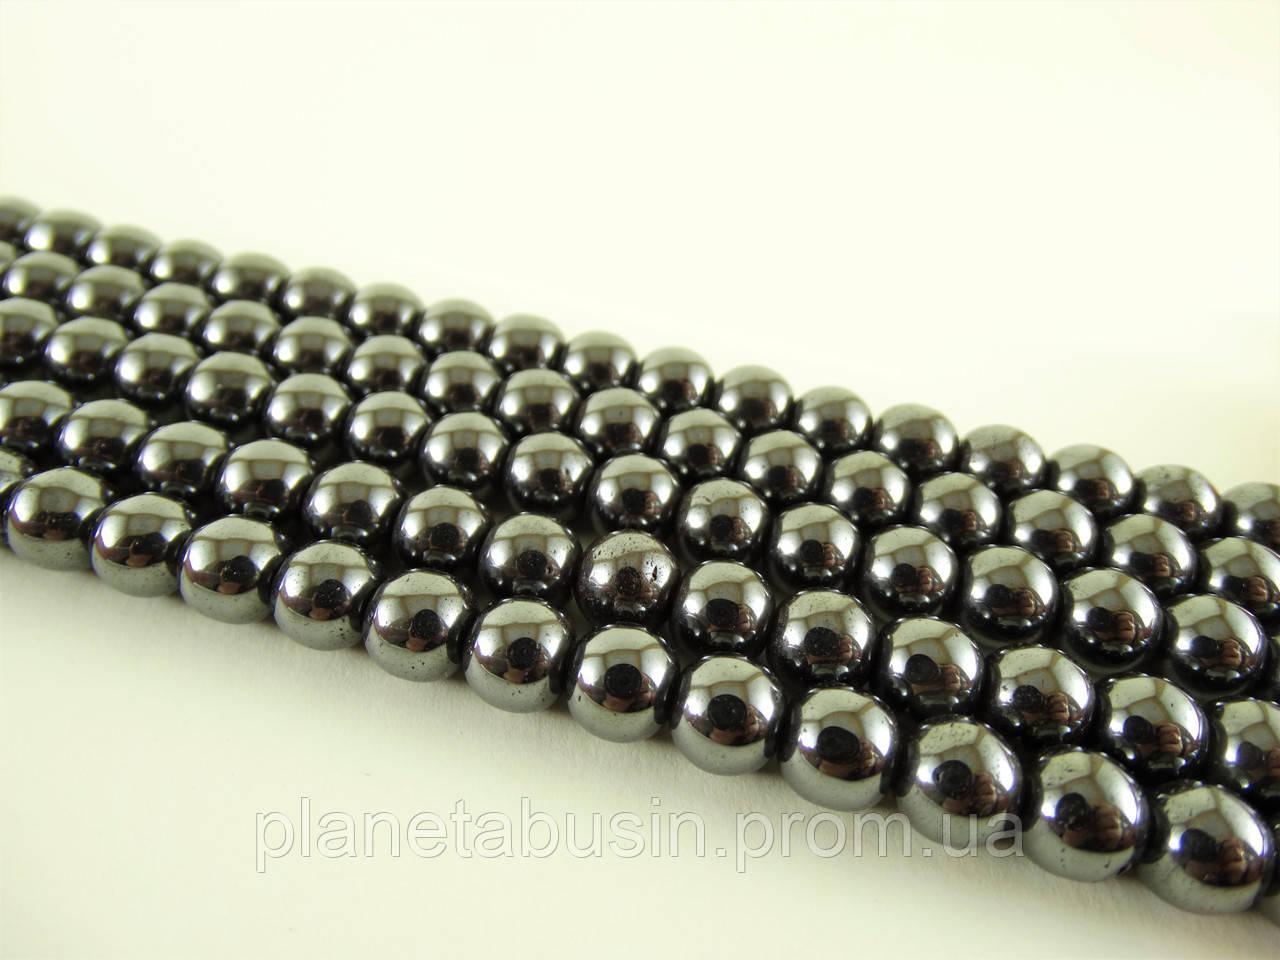 6 мм Бусины Гематит, Натуральный камень, На нитях, бусины 6 мм, Отверстие 1 мм, количество: 62-65 шт/нить